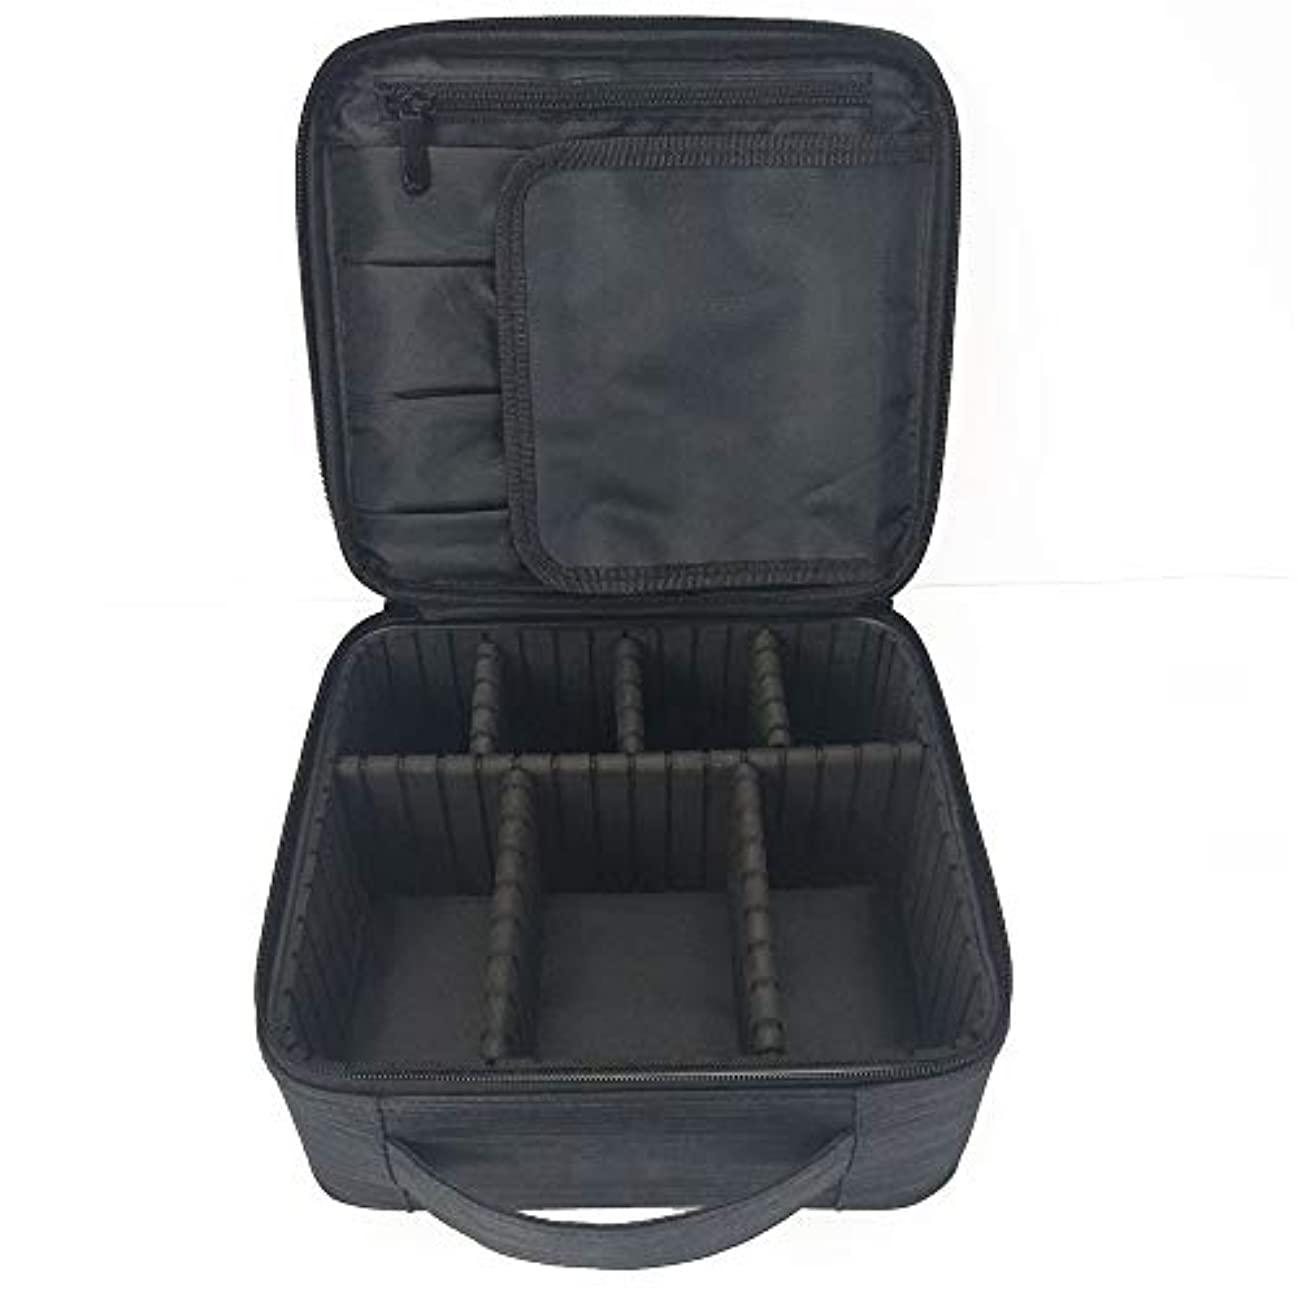 周り悪のジョブ化粧オーガナイザーバッグ 調整可能な仕切り付き防水メイクアップバッグ旅行化粧ケースブラシホルダー 化粧品ケース